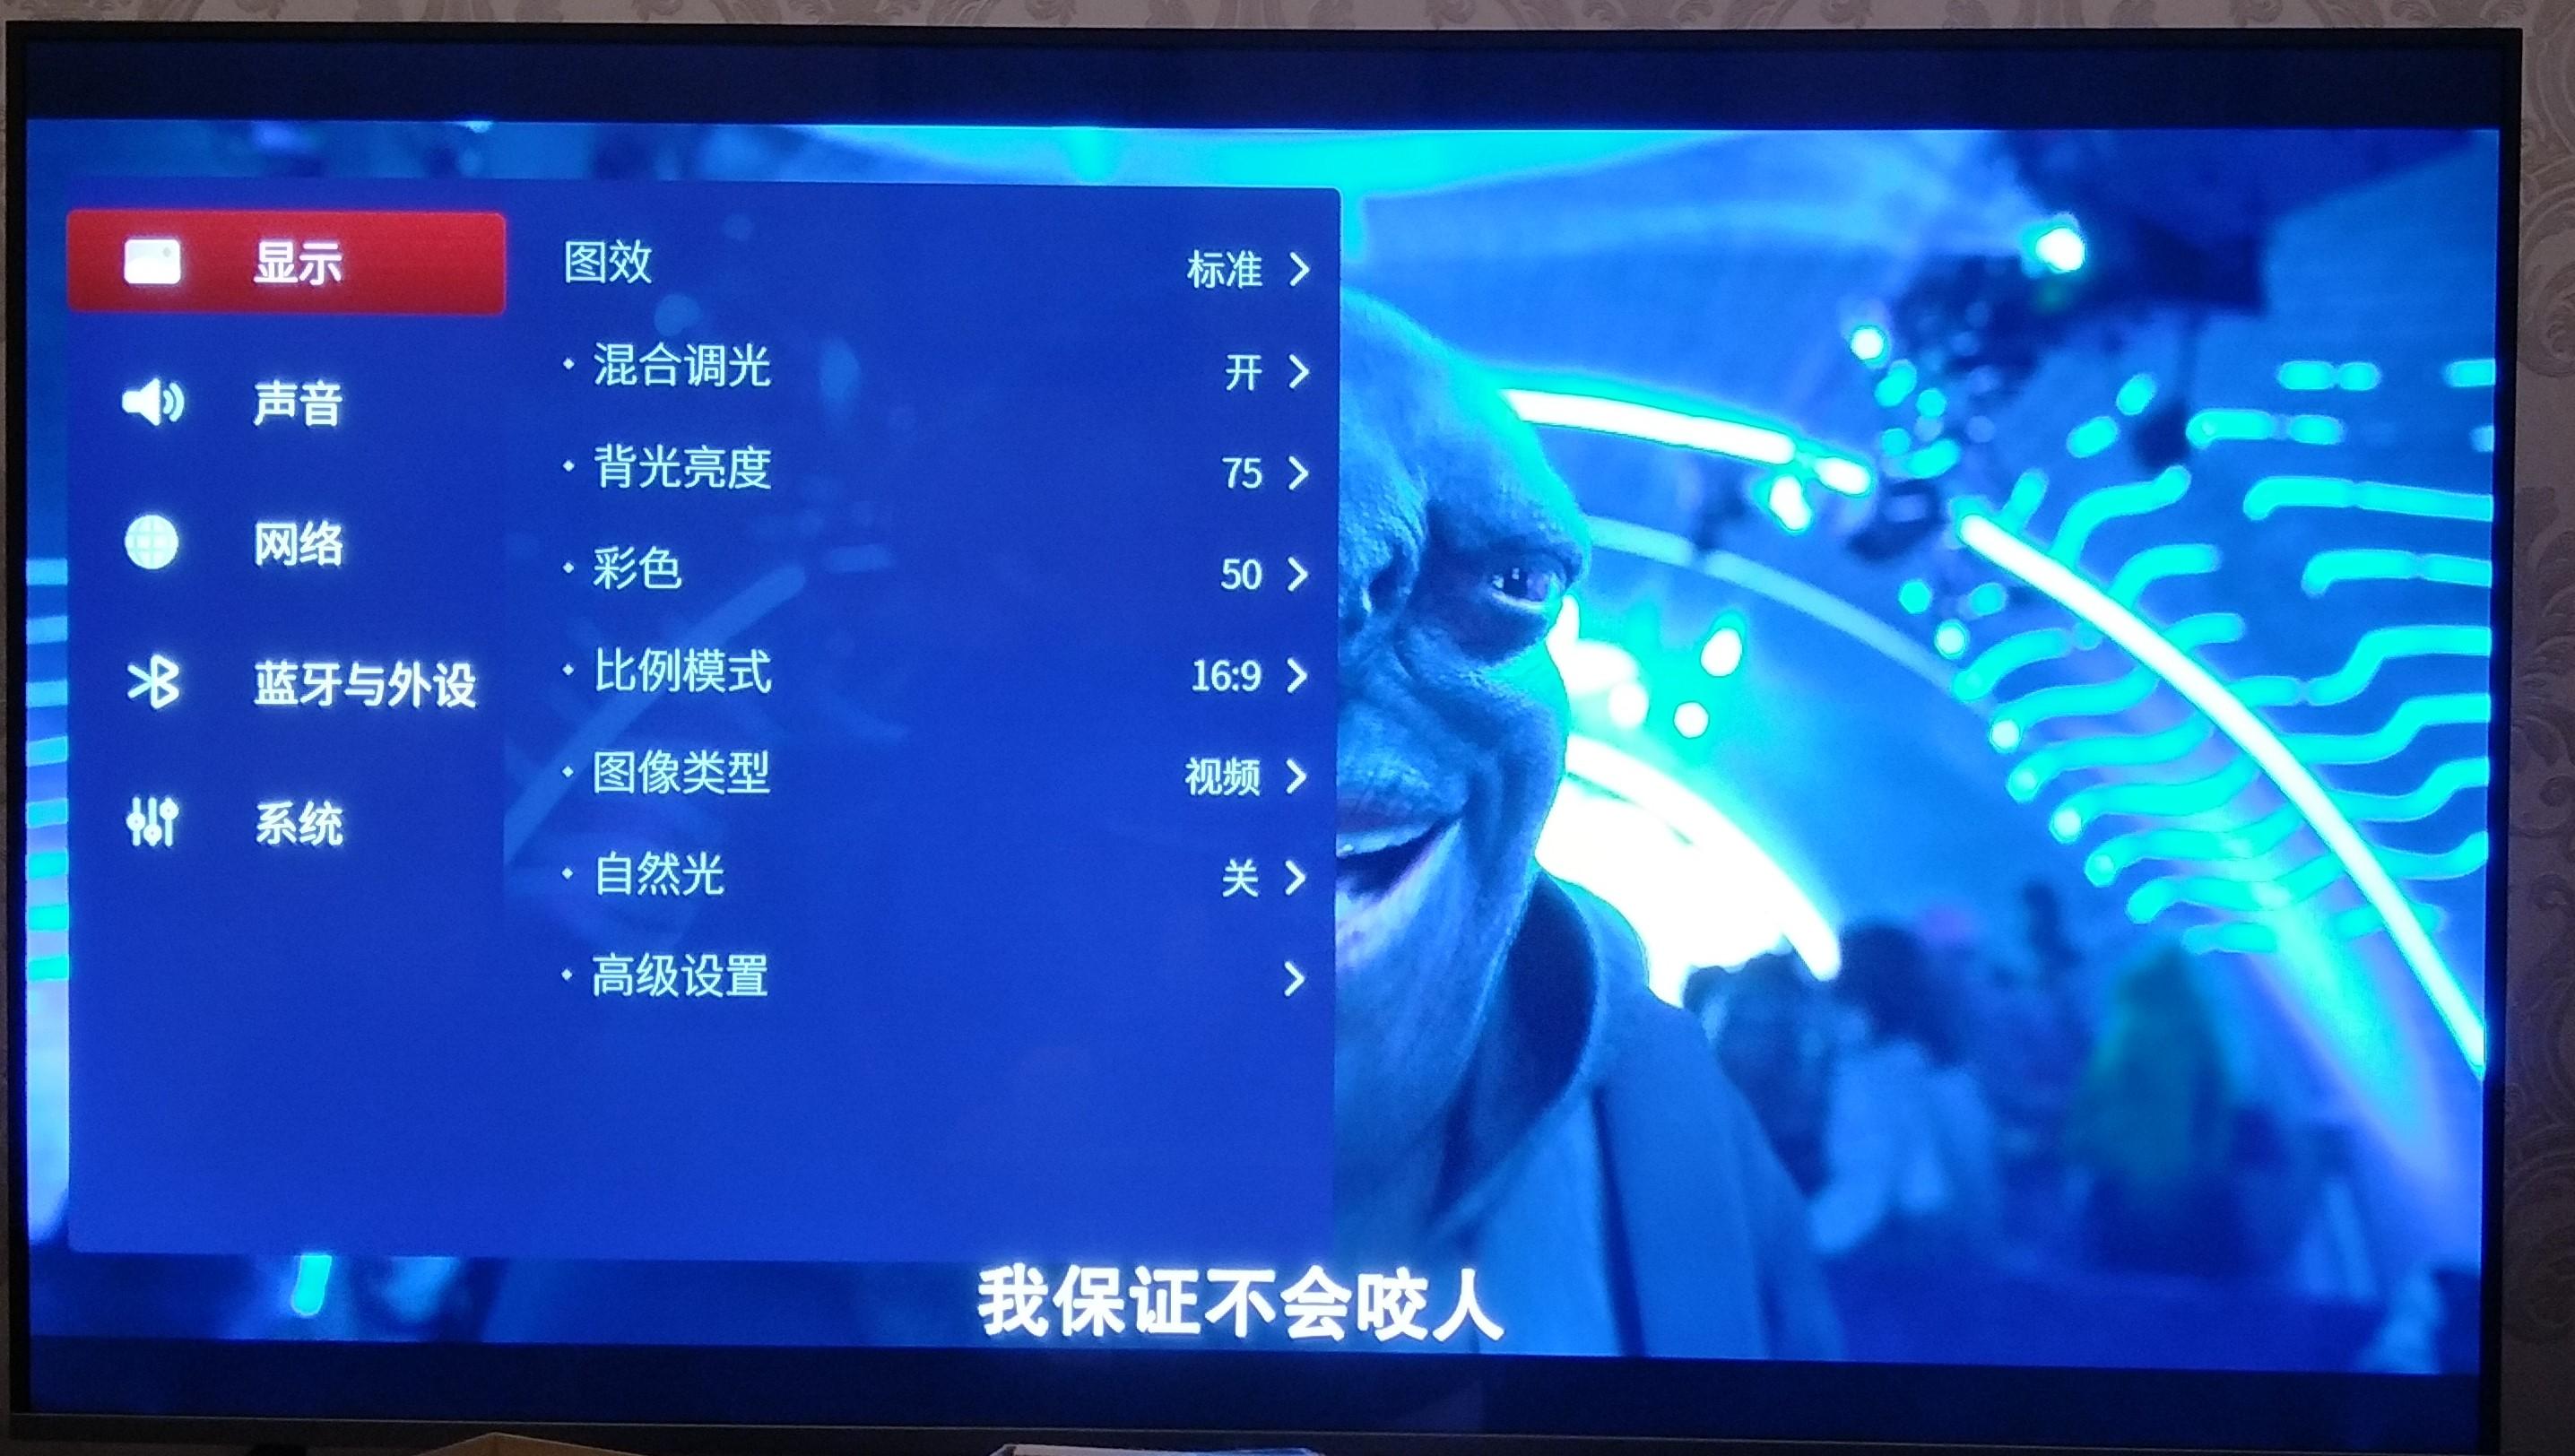 闪烁SDR菜单